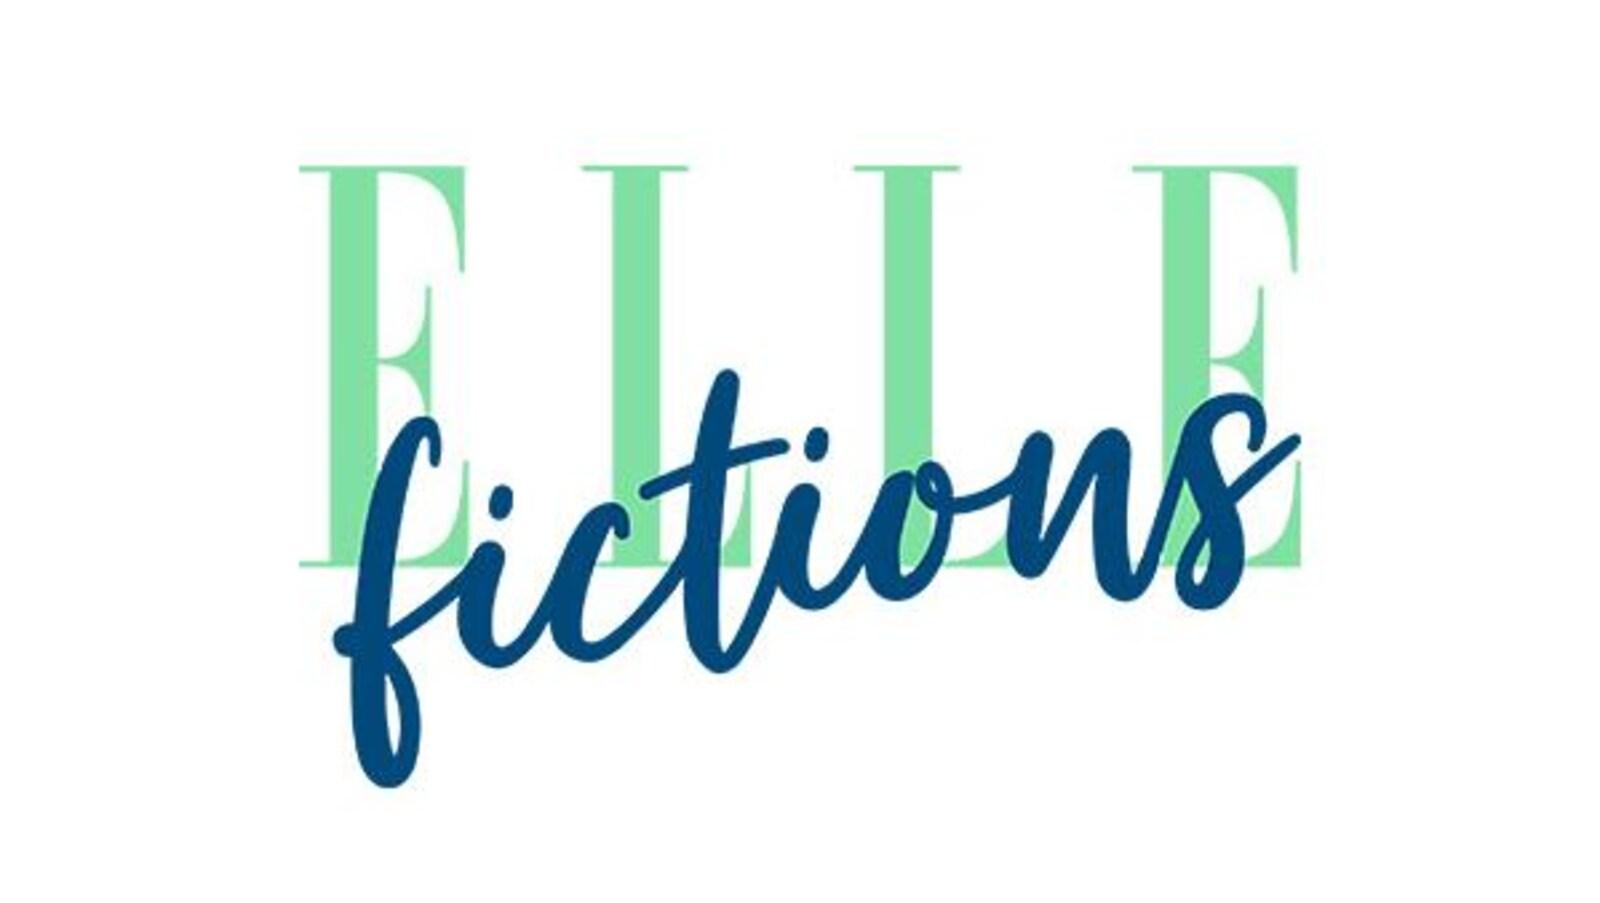 Le logo de la nouvelle chaîne ELLE Fictions.